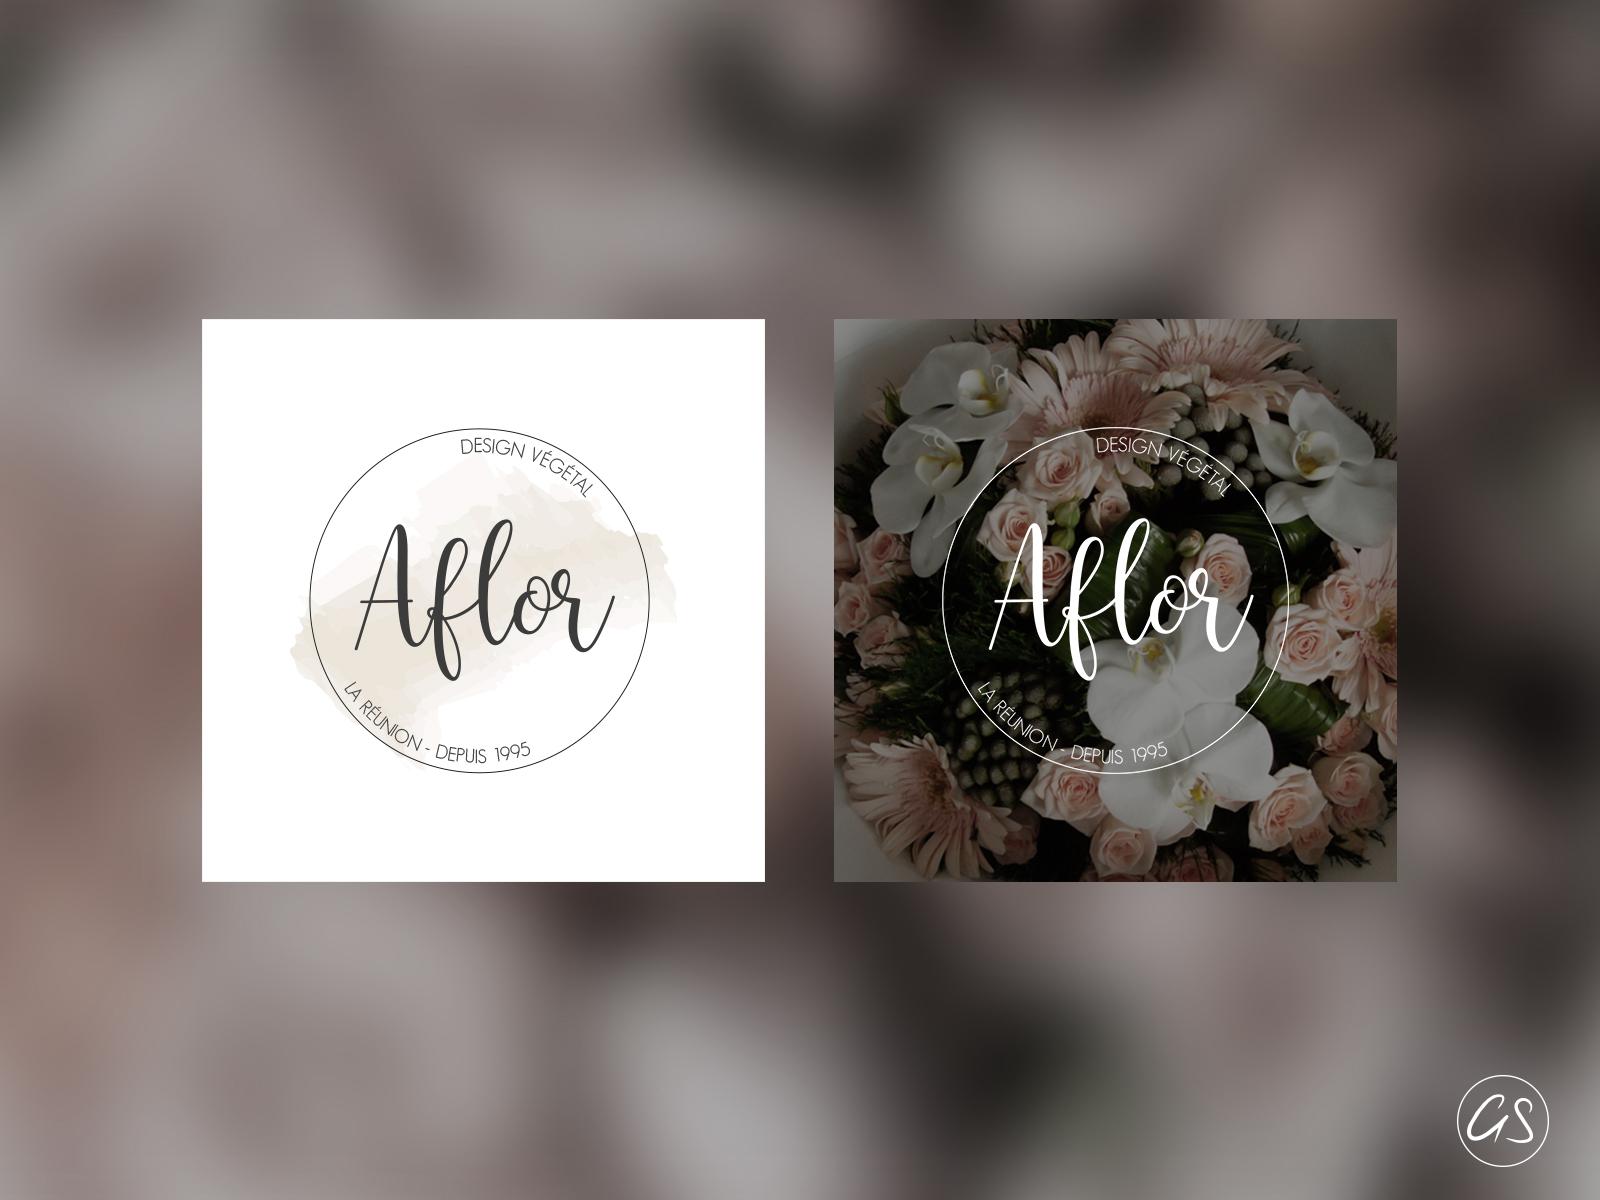 Logo Aflor Design et déclinaisons - Par GS Agence créative 974